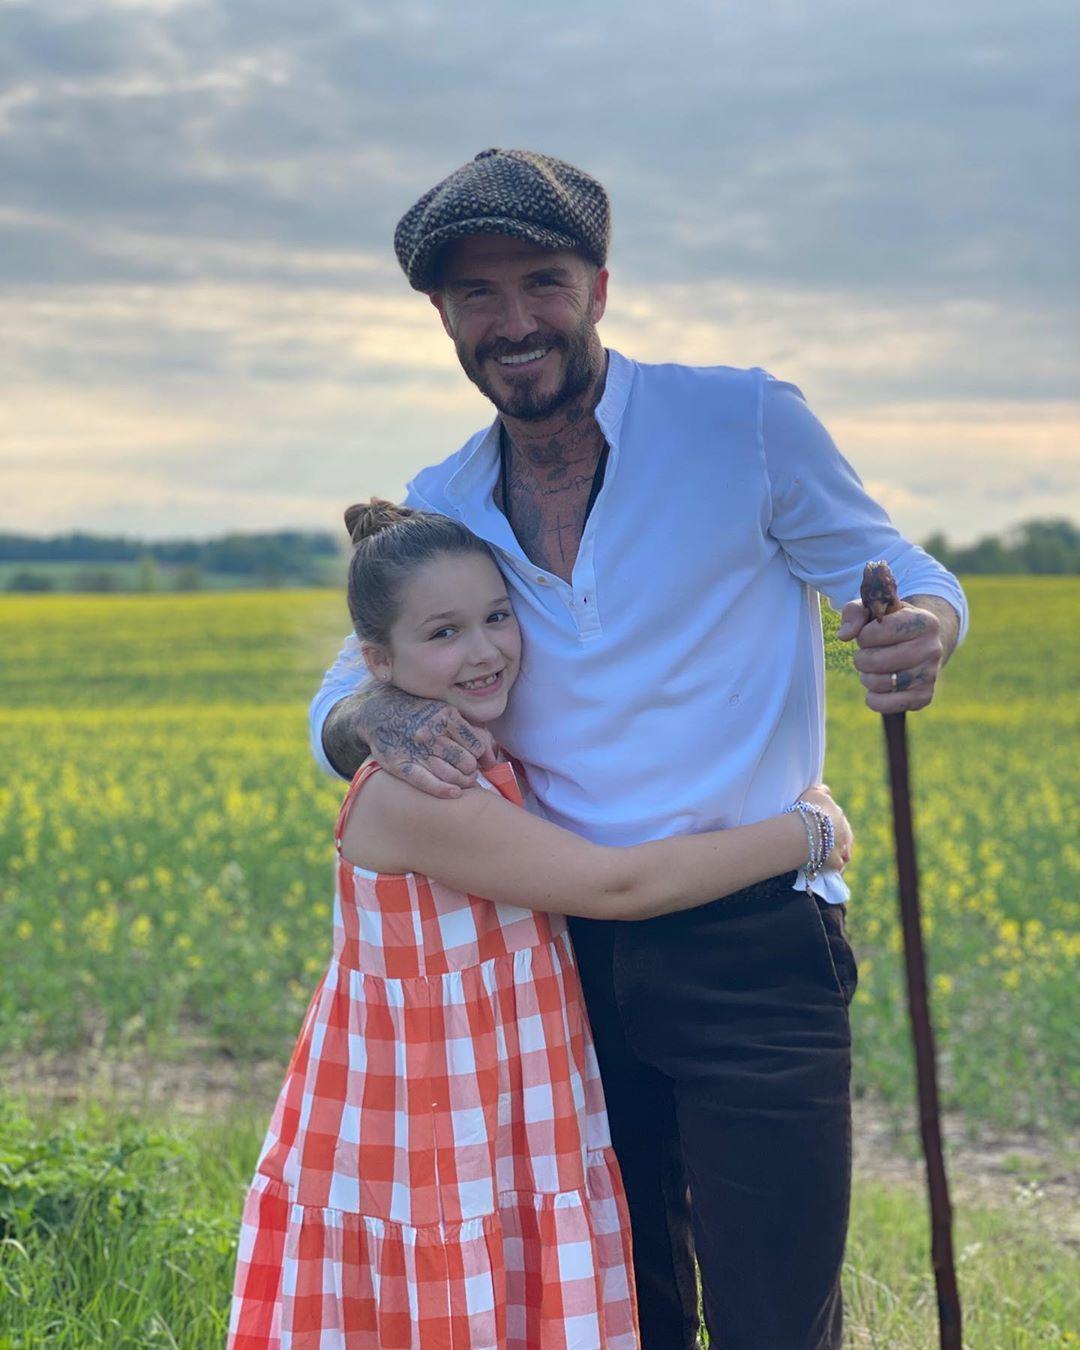 Папина дочка: Дэвид Бекхэм очаровал снимками с подросшей Харпер